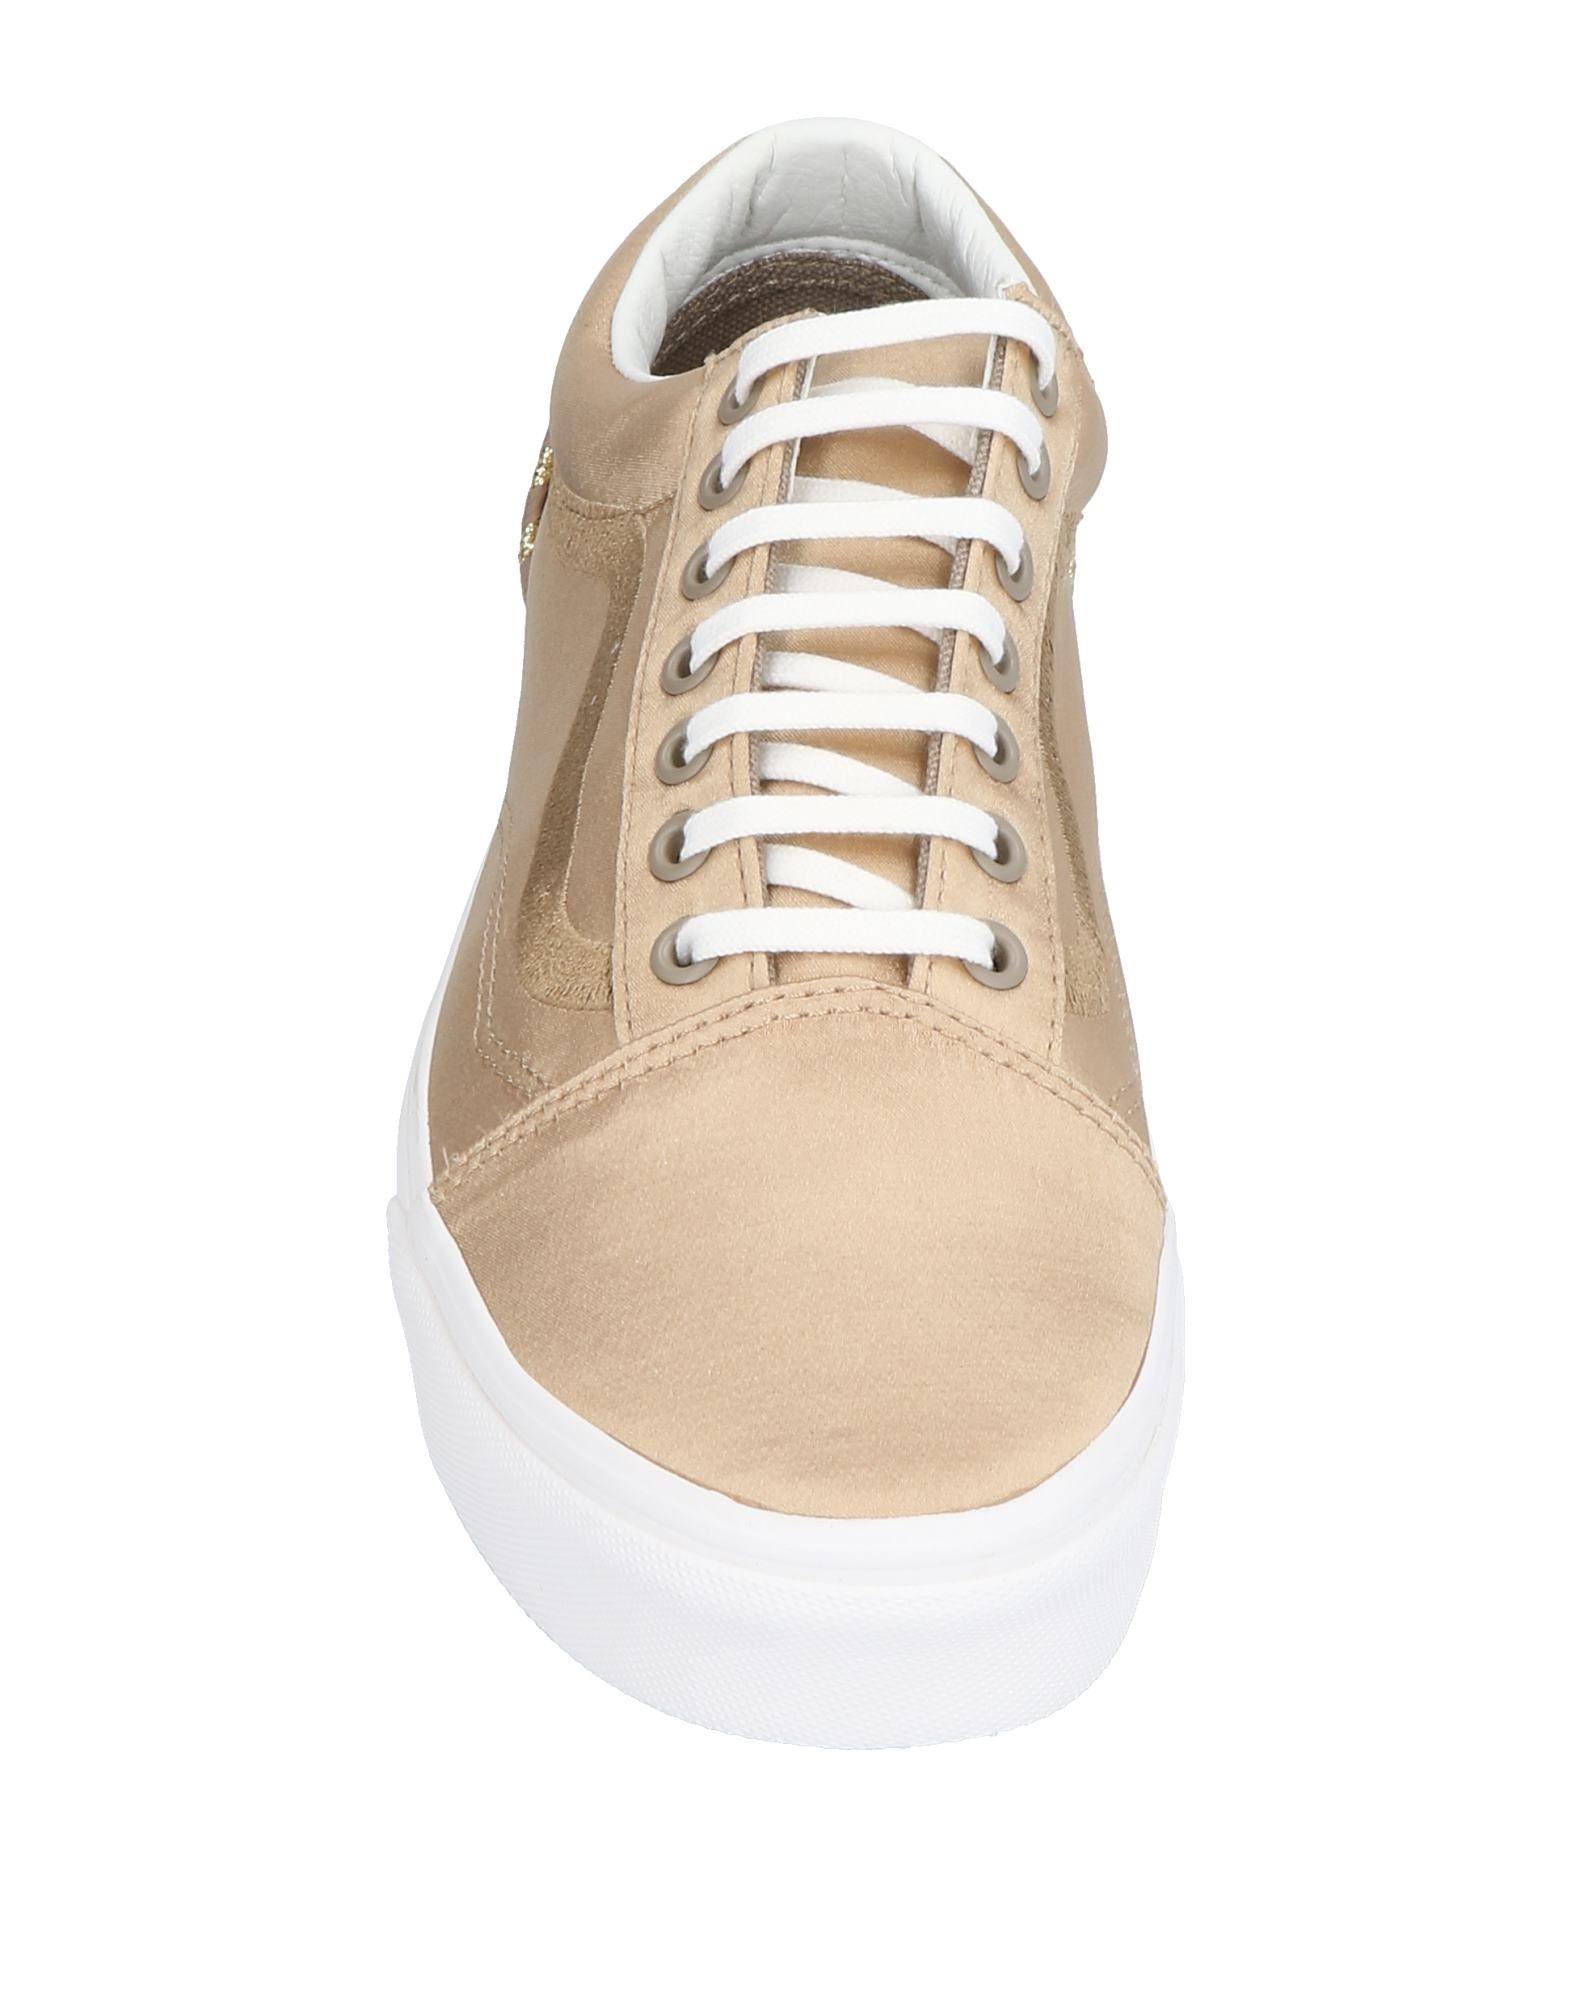 Rabatt echte Schuhe Vans Sneakers 11492134SX Herren  11492134SX Sneakers 1edd33